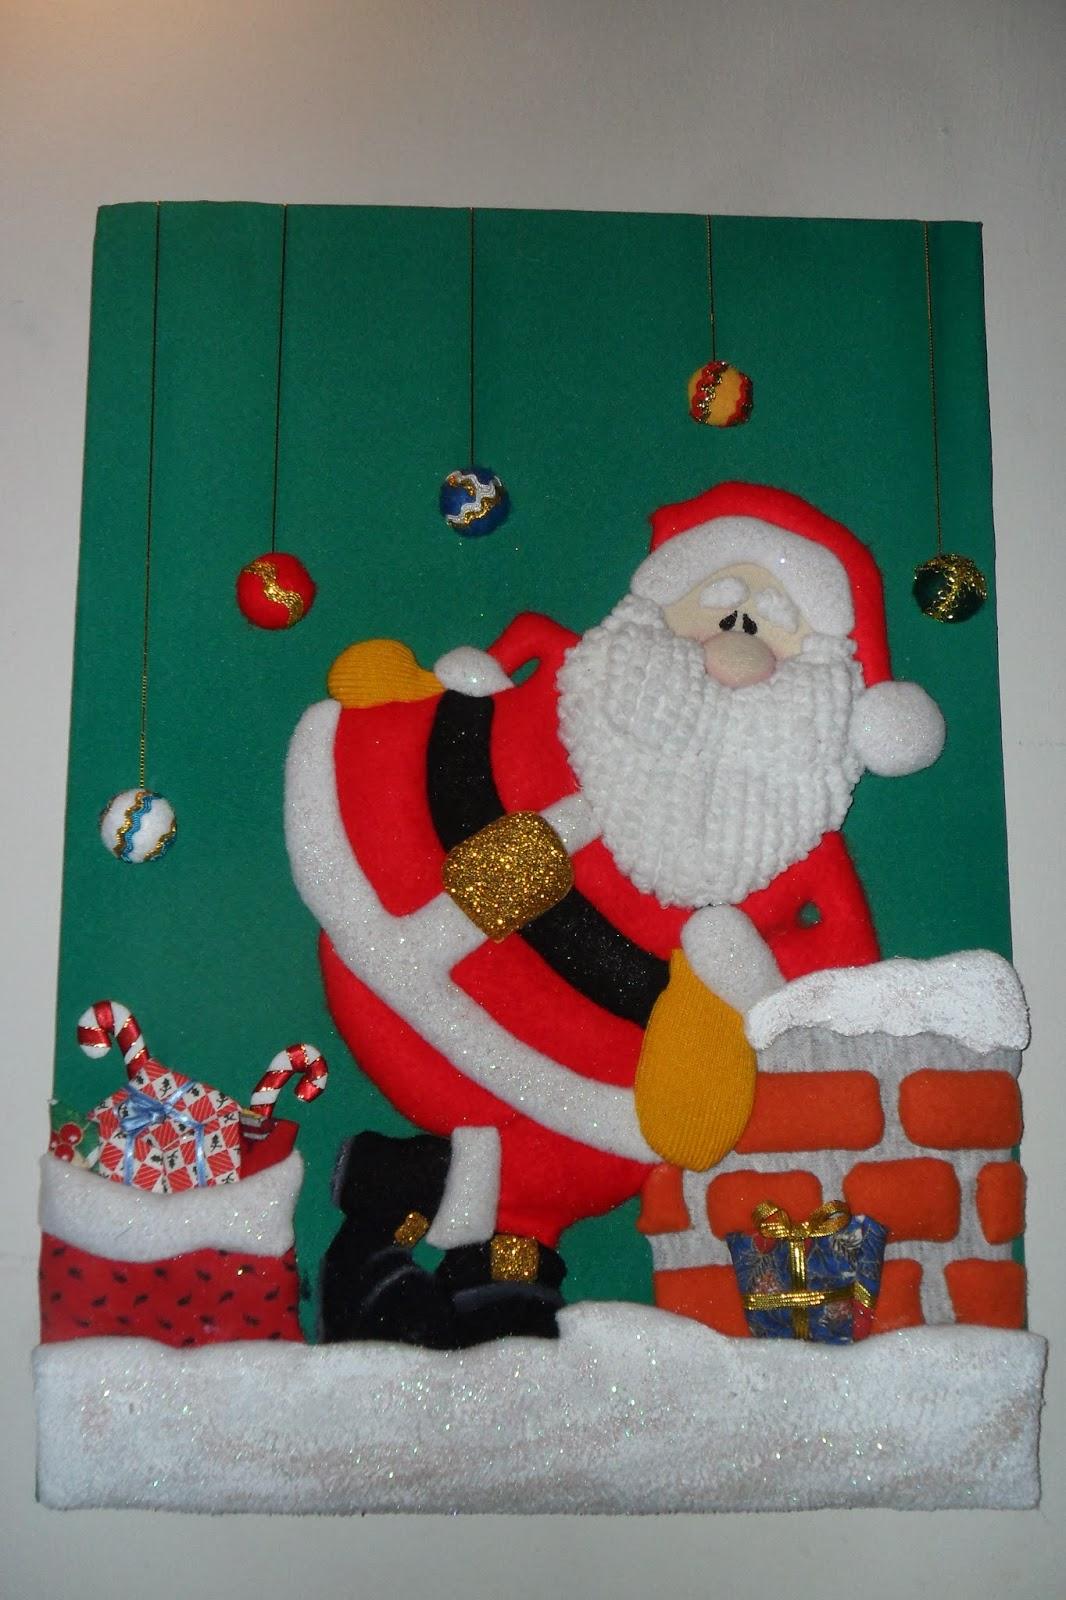 Mardedi cuadros para decorar tu navidad - Fotos para decorar ...